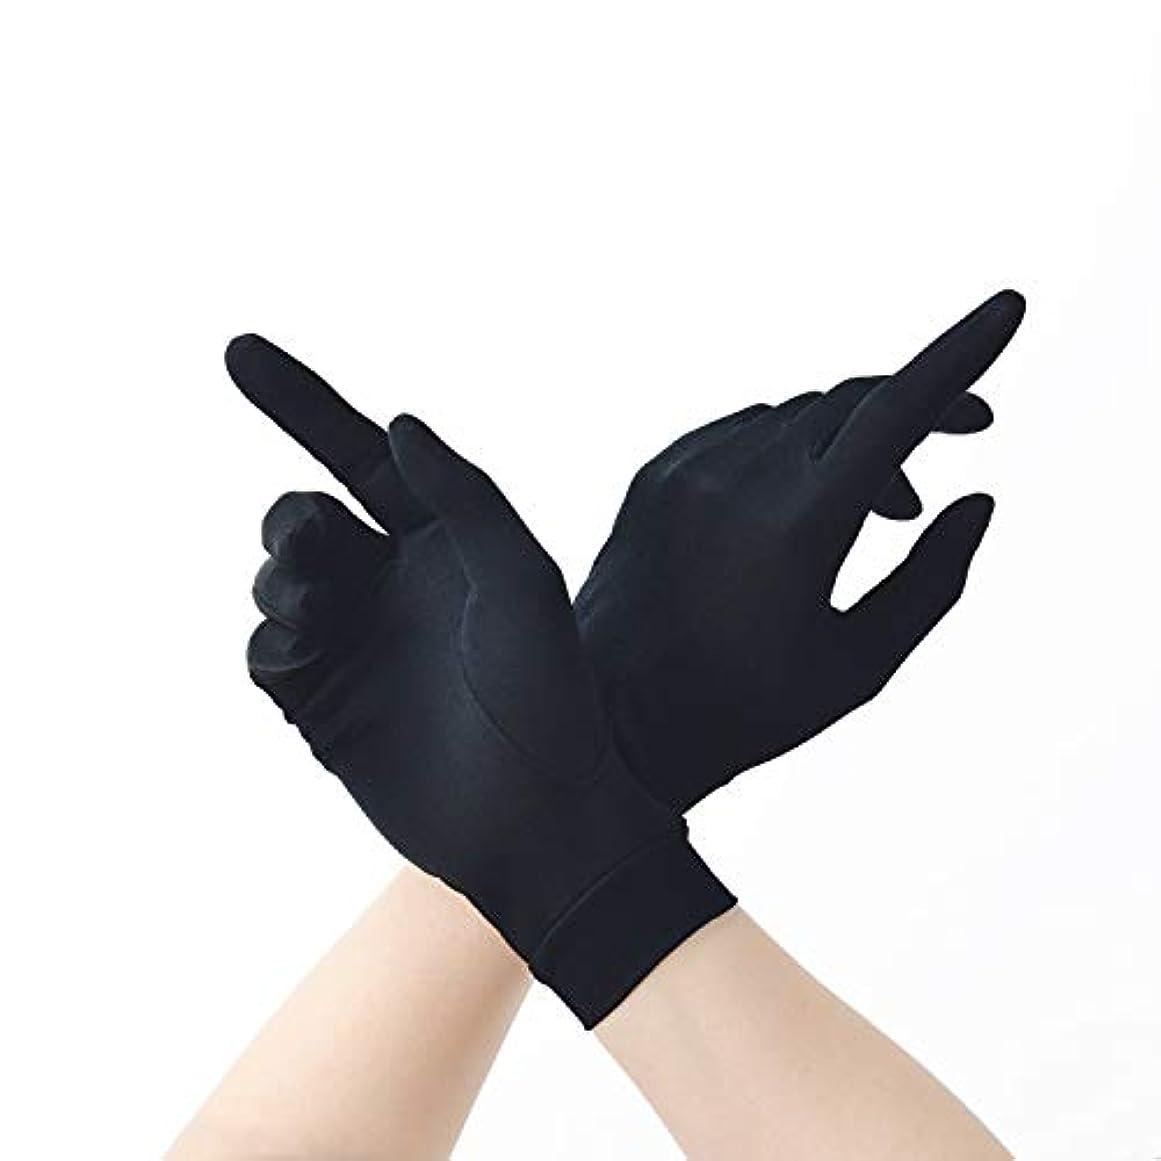 もちろんレジ対保湿 夏 ハンド 手袋 シルク 紫外線 日焼け防止 手荒い おやすみ 手触りが良い ケア レディース